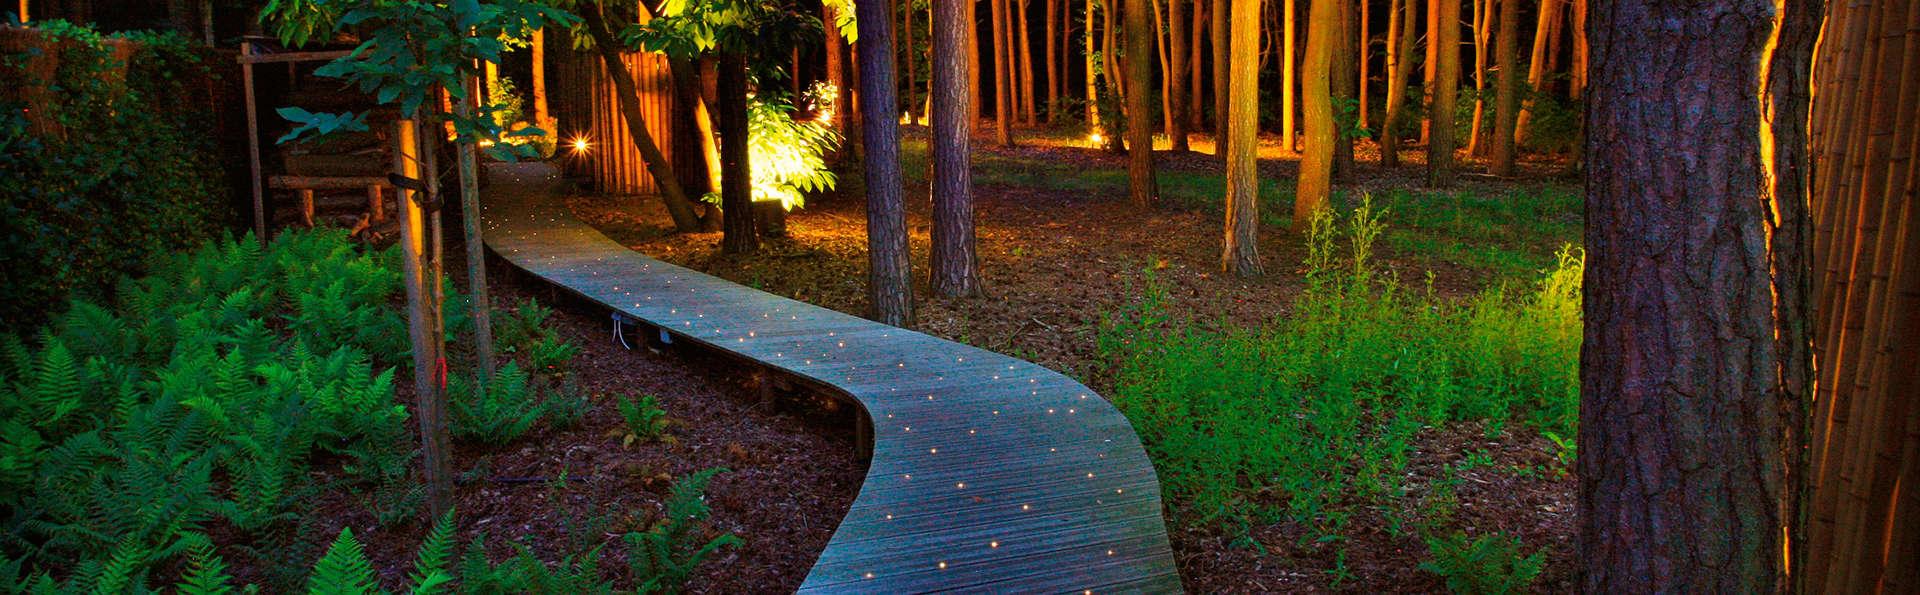 Vivez un week-end inoubliable avec un jacuzzi privé dans la nature (à partir de 2 nuits)